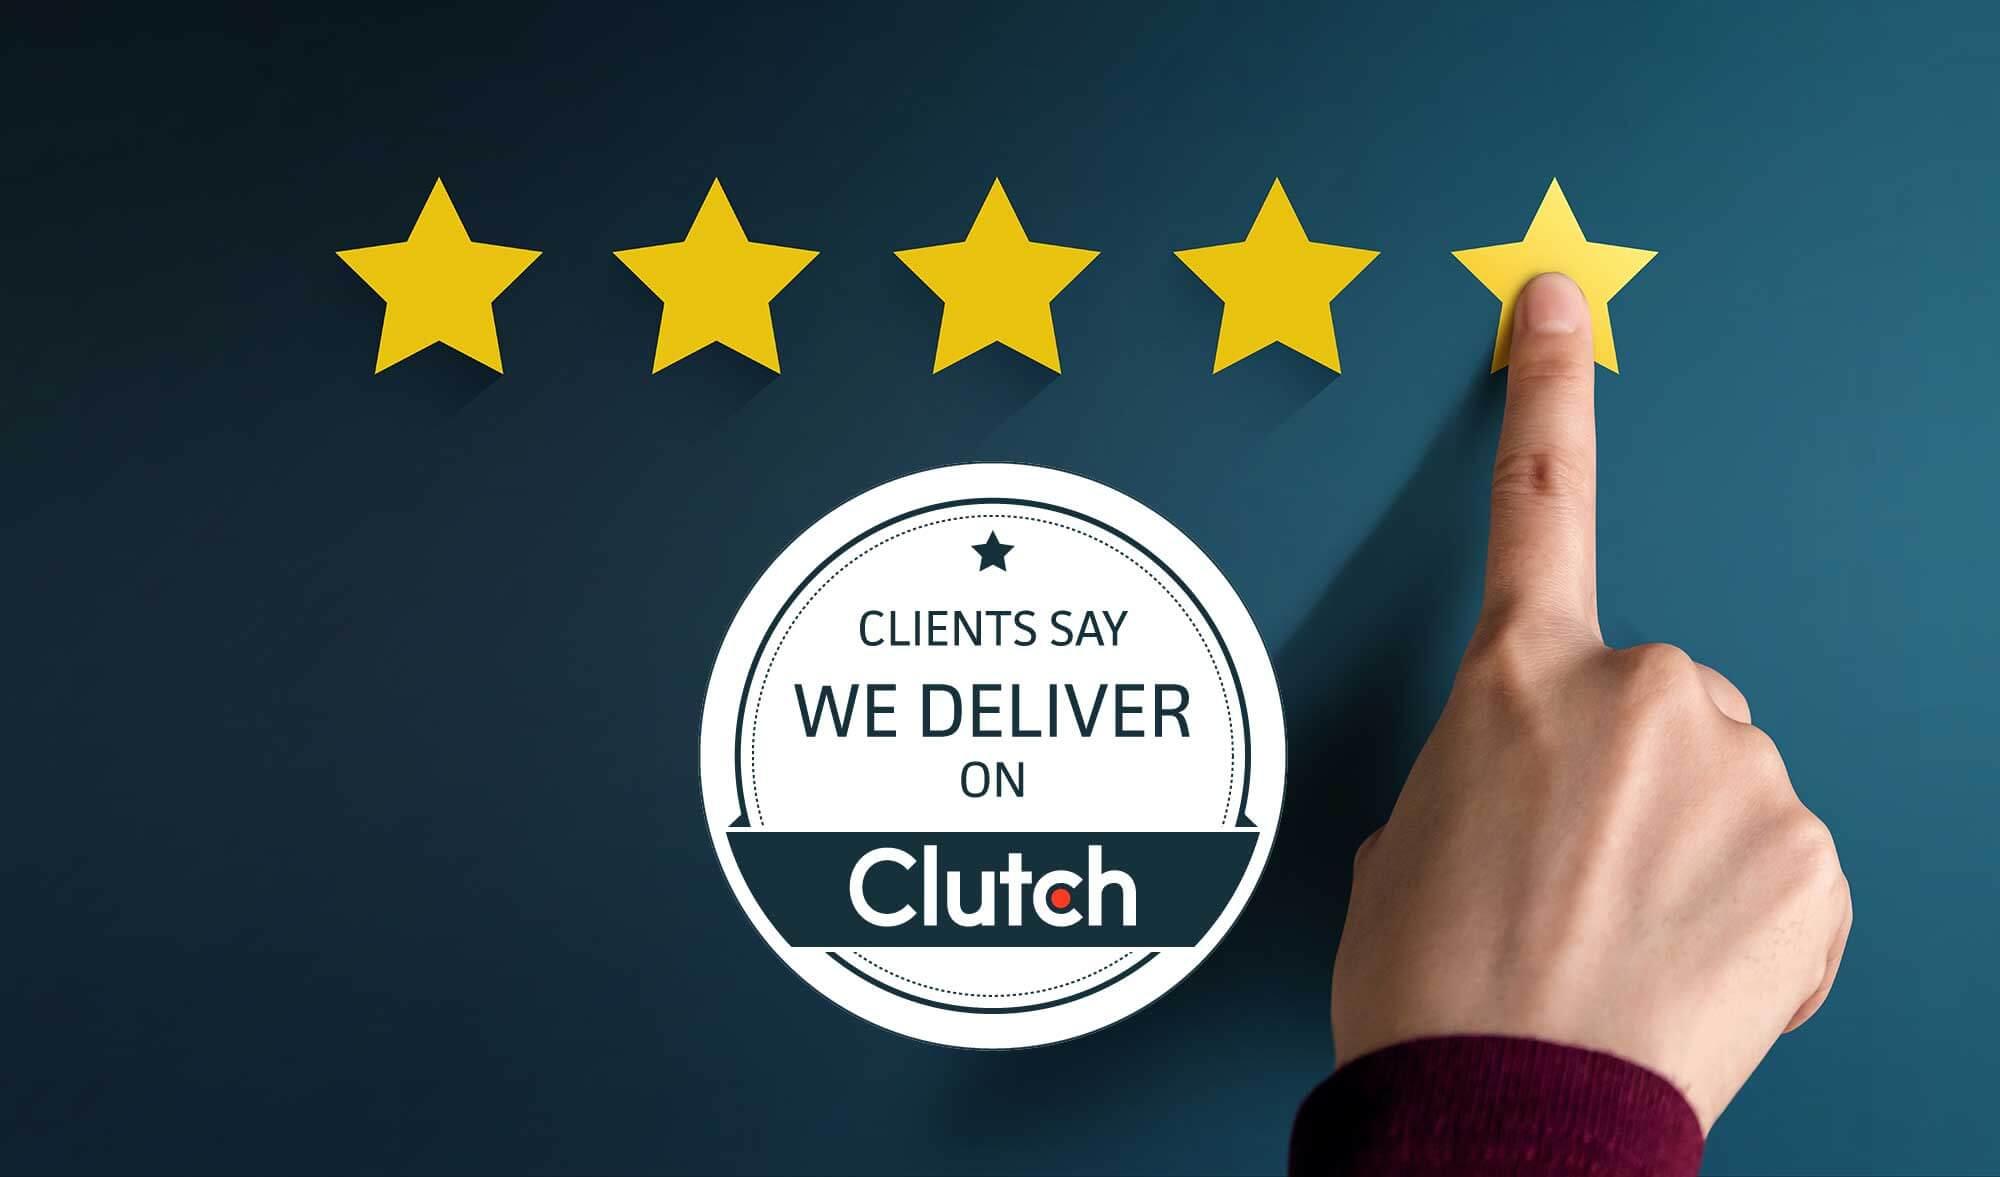 Clutch Verified Client Reviews